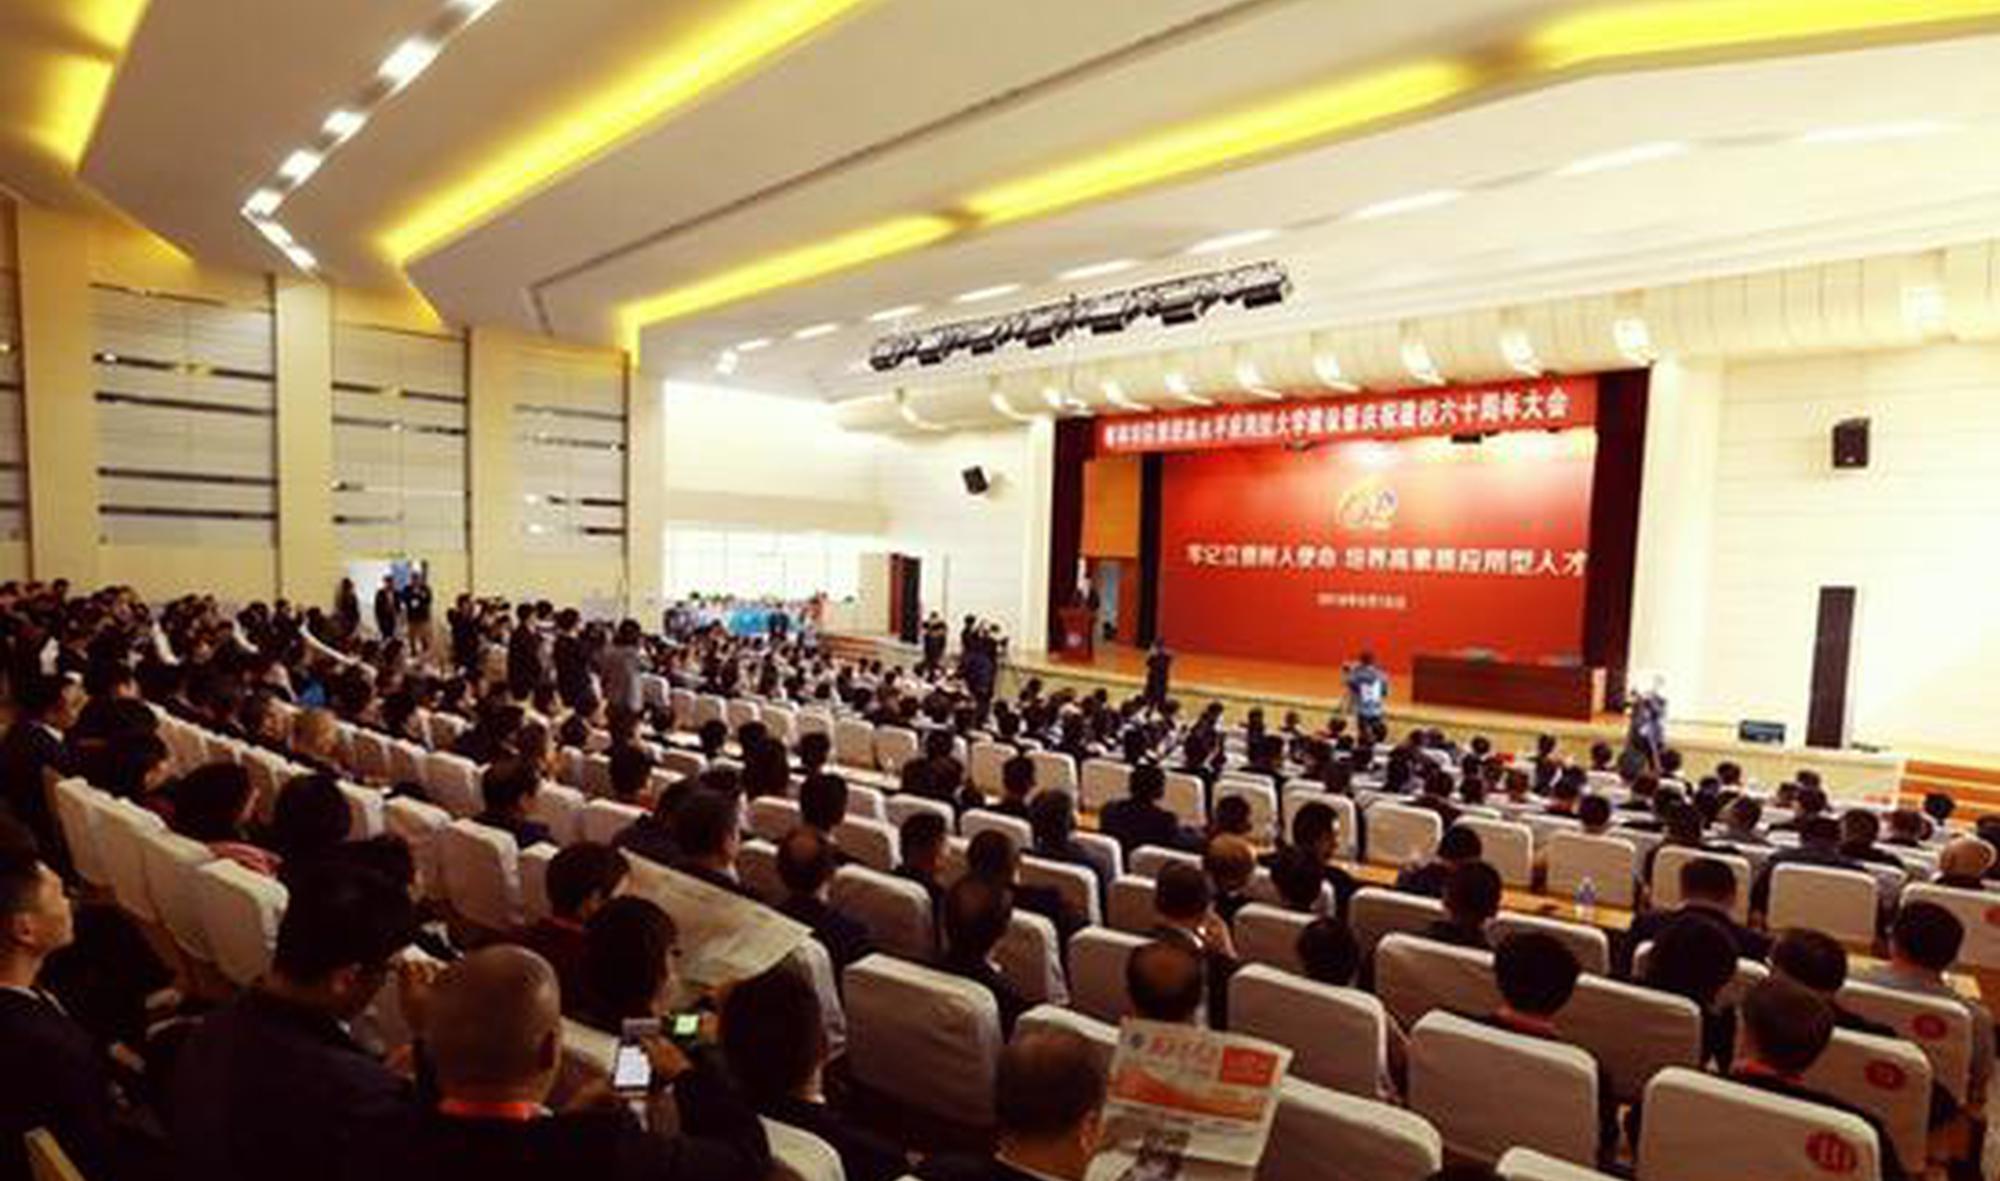 榆林学院庆祝建校六十周年